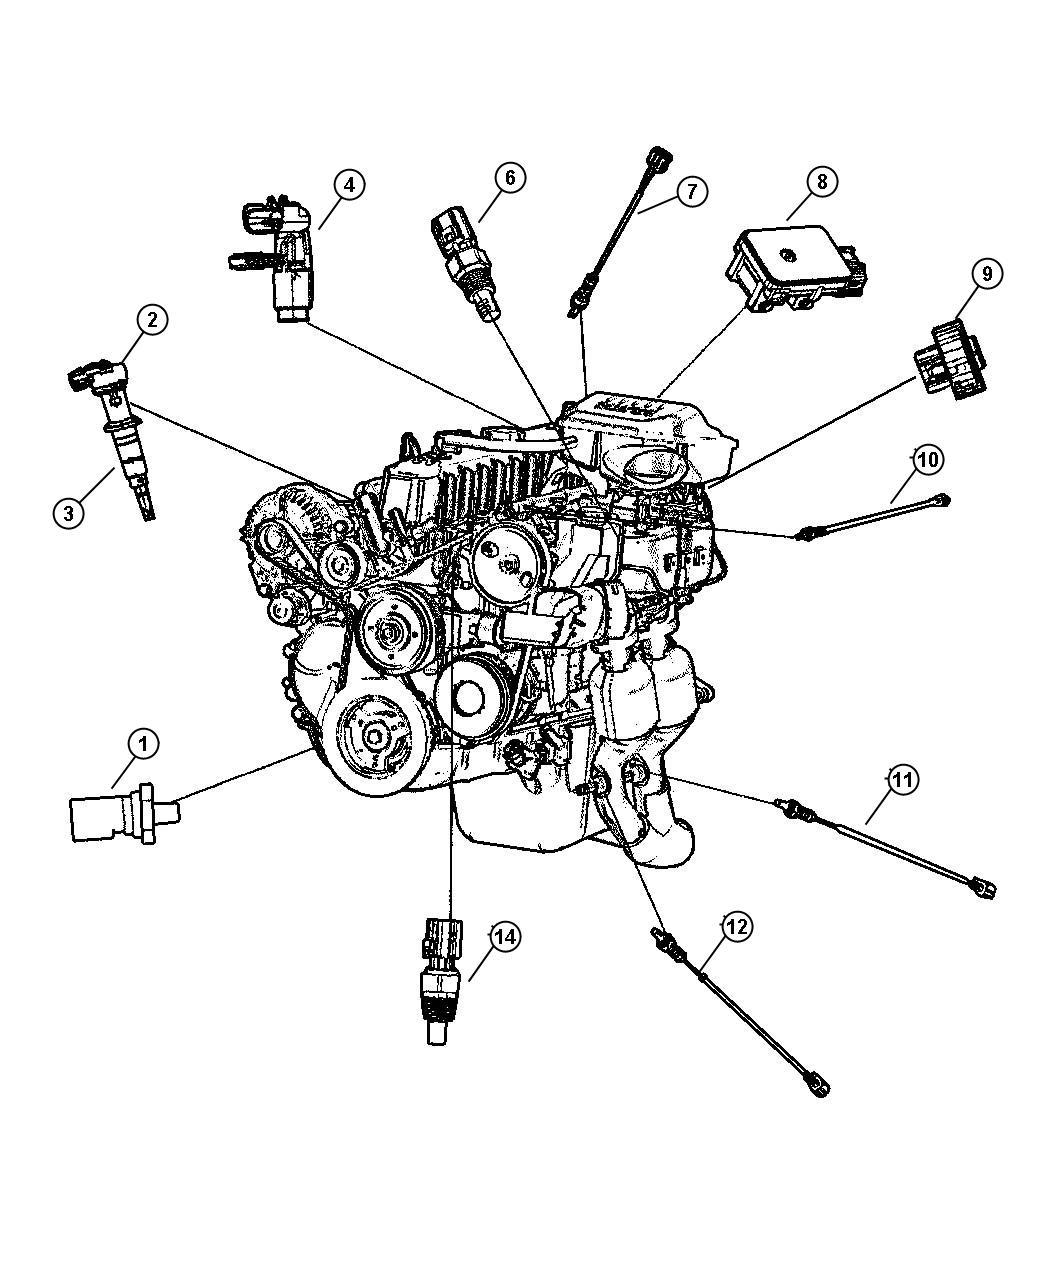 1999 Chrysler Sebring Sensor. Crankshaft position. Sensors